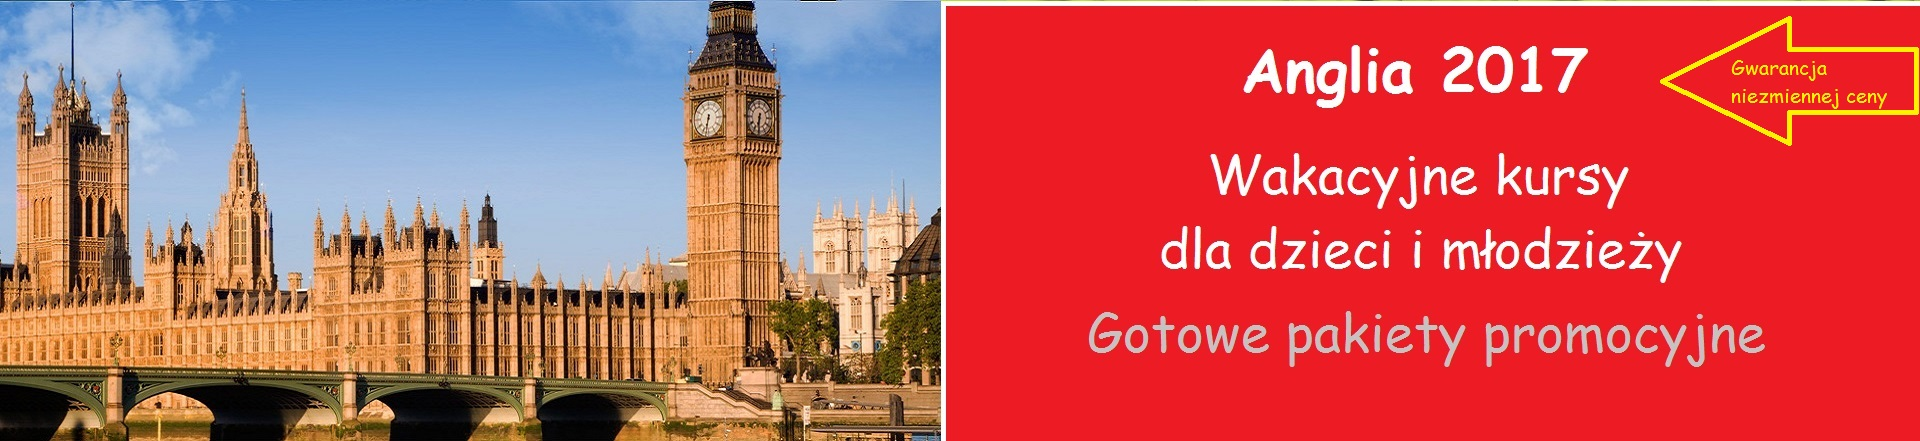 Kursy wakacyjne w Anglii